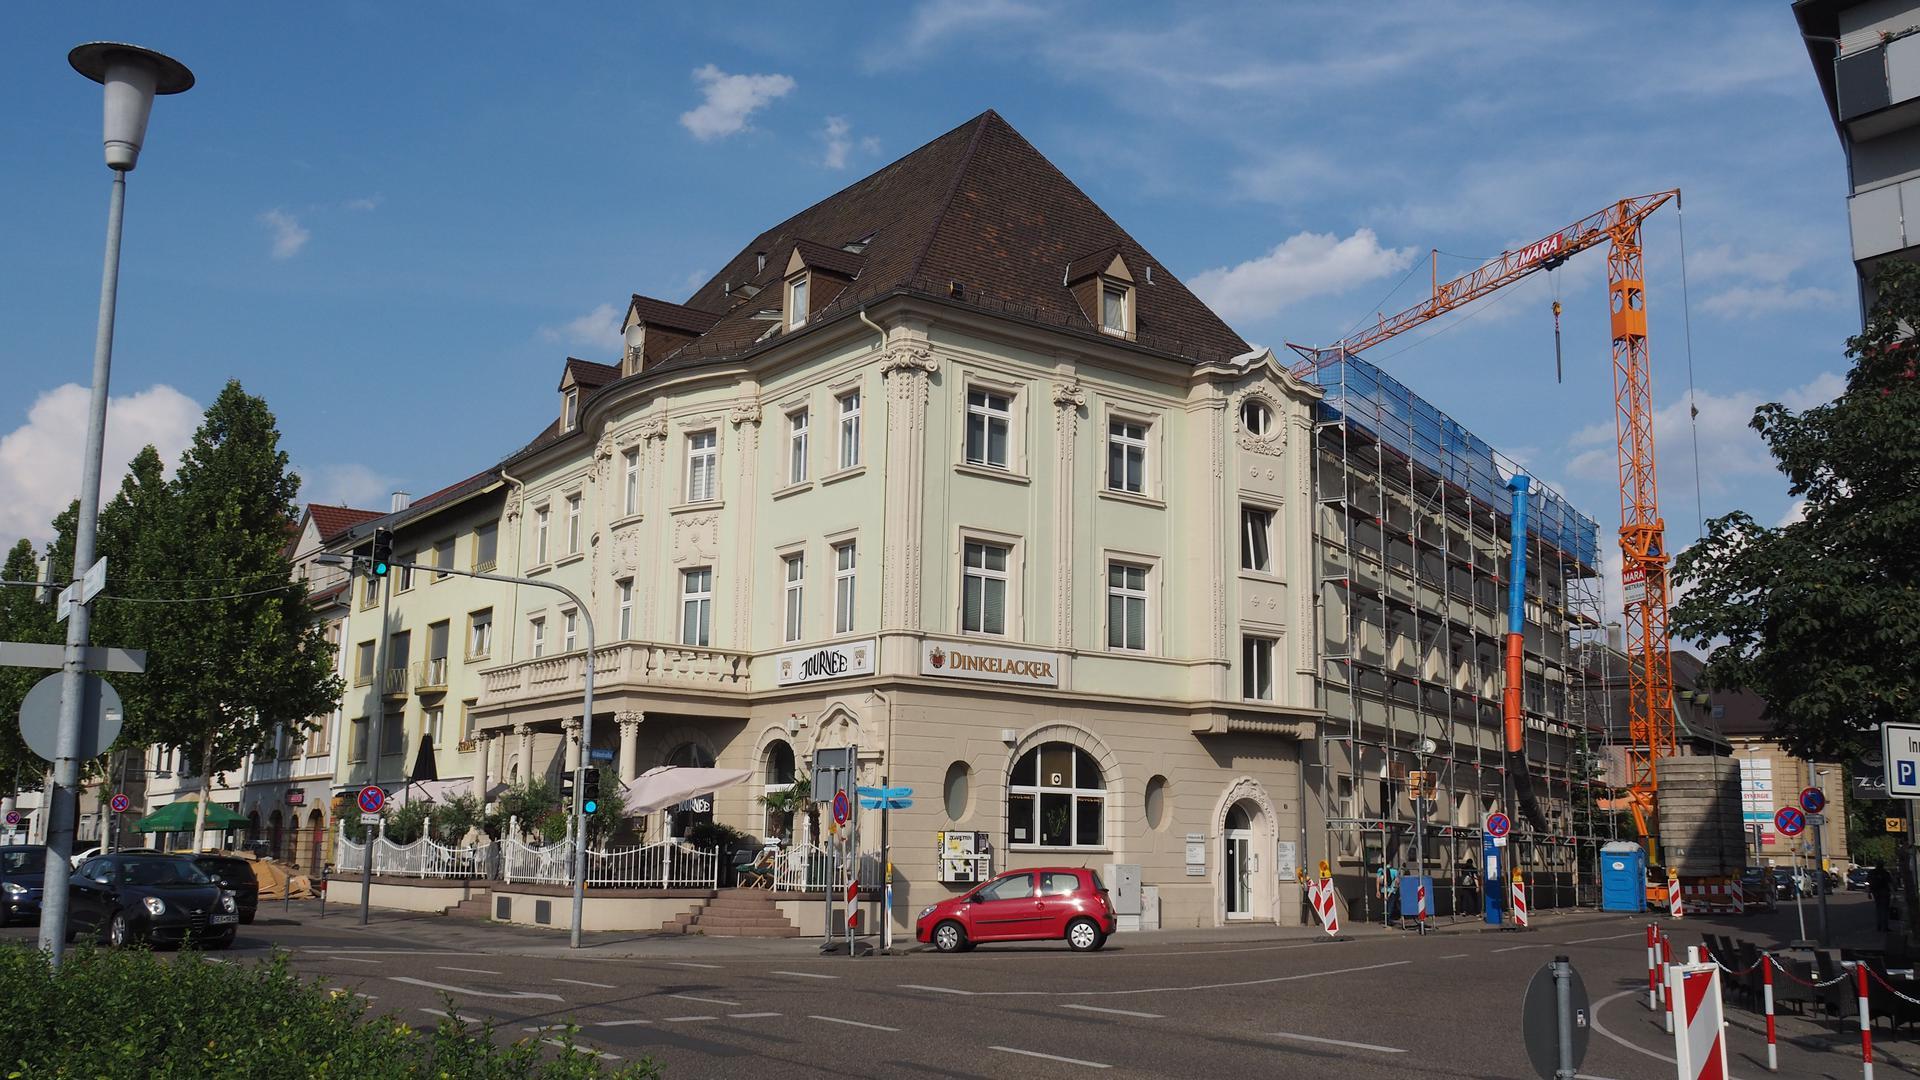 Ein Haus aus der Gründerzeit mit großer Außenwerbung an einer vielbefahrenen Kreuzung.